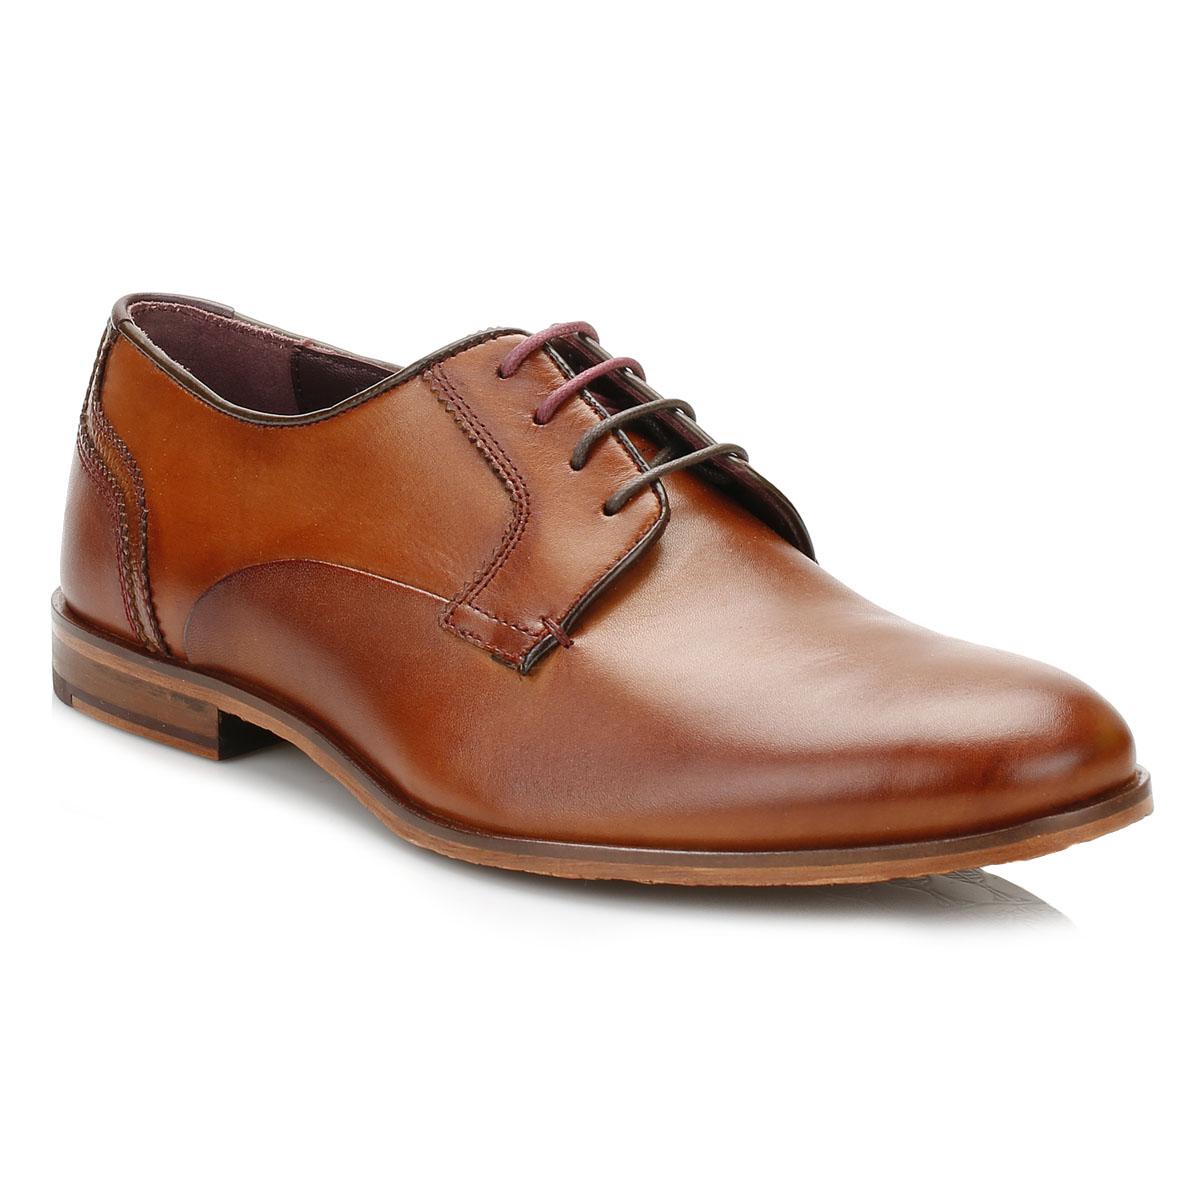 Men's shoes – Derbys vs Oxfords